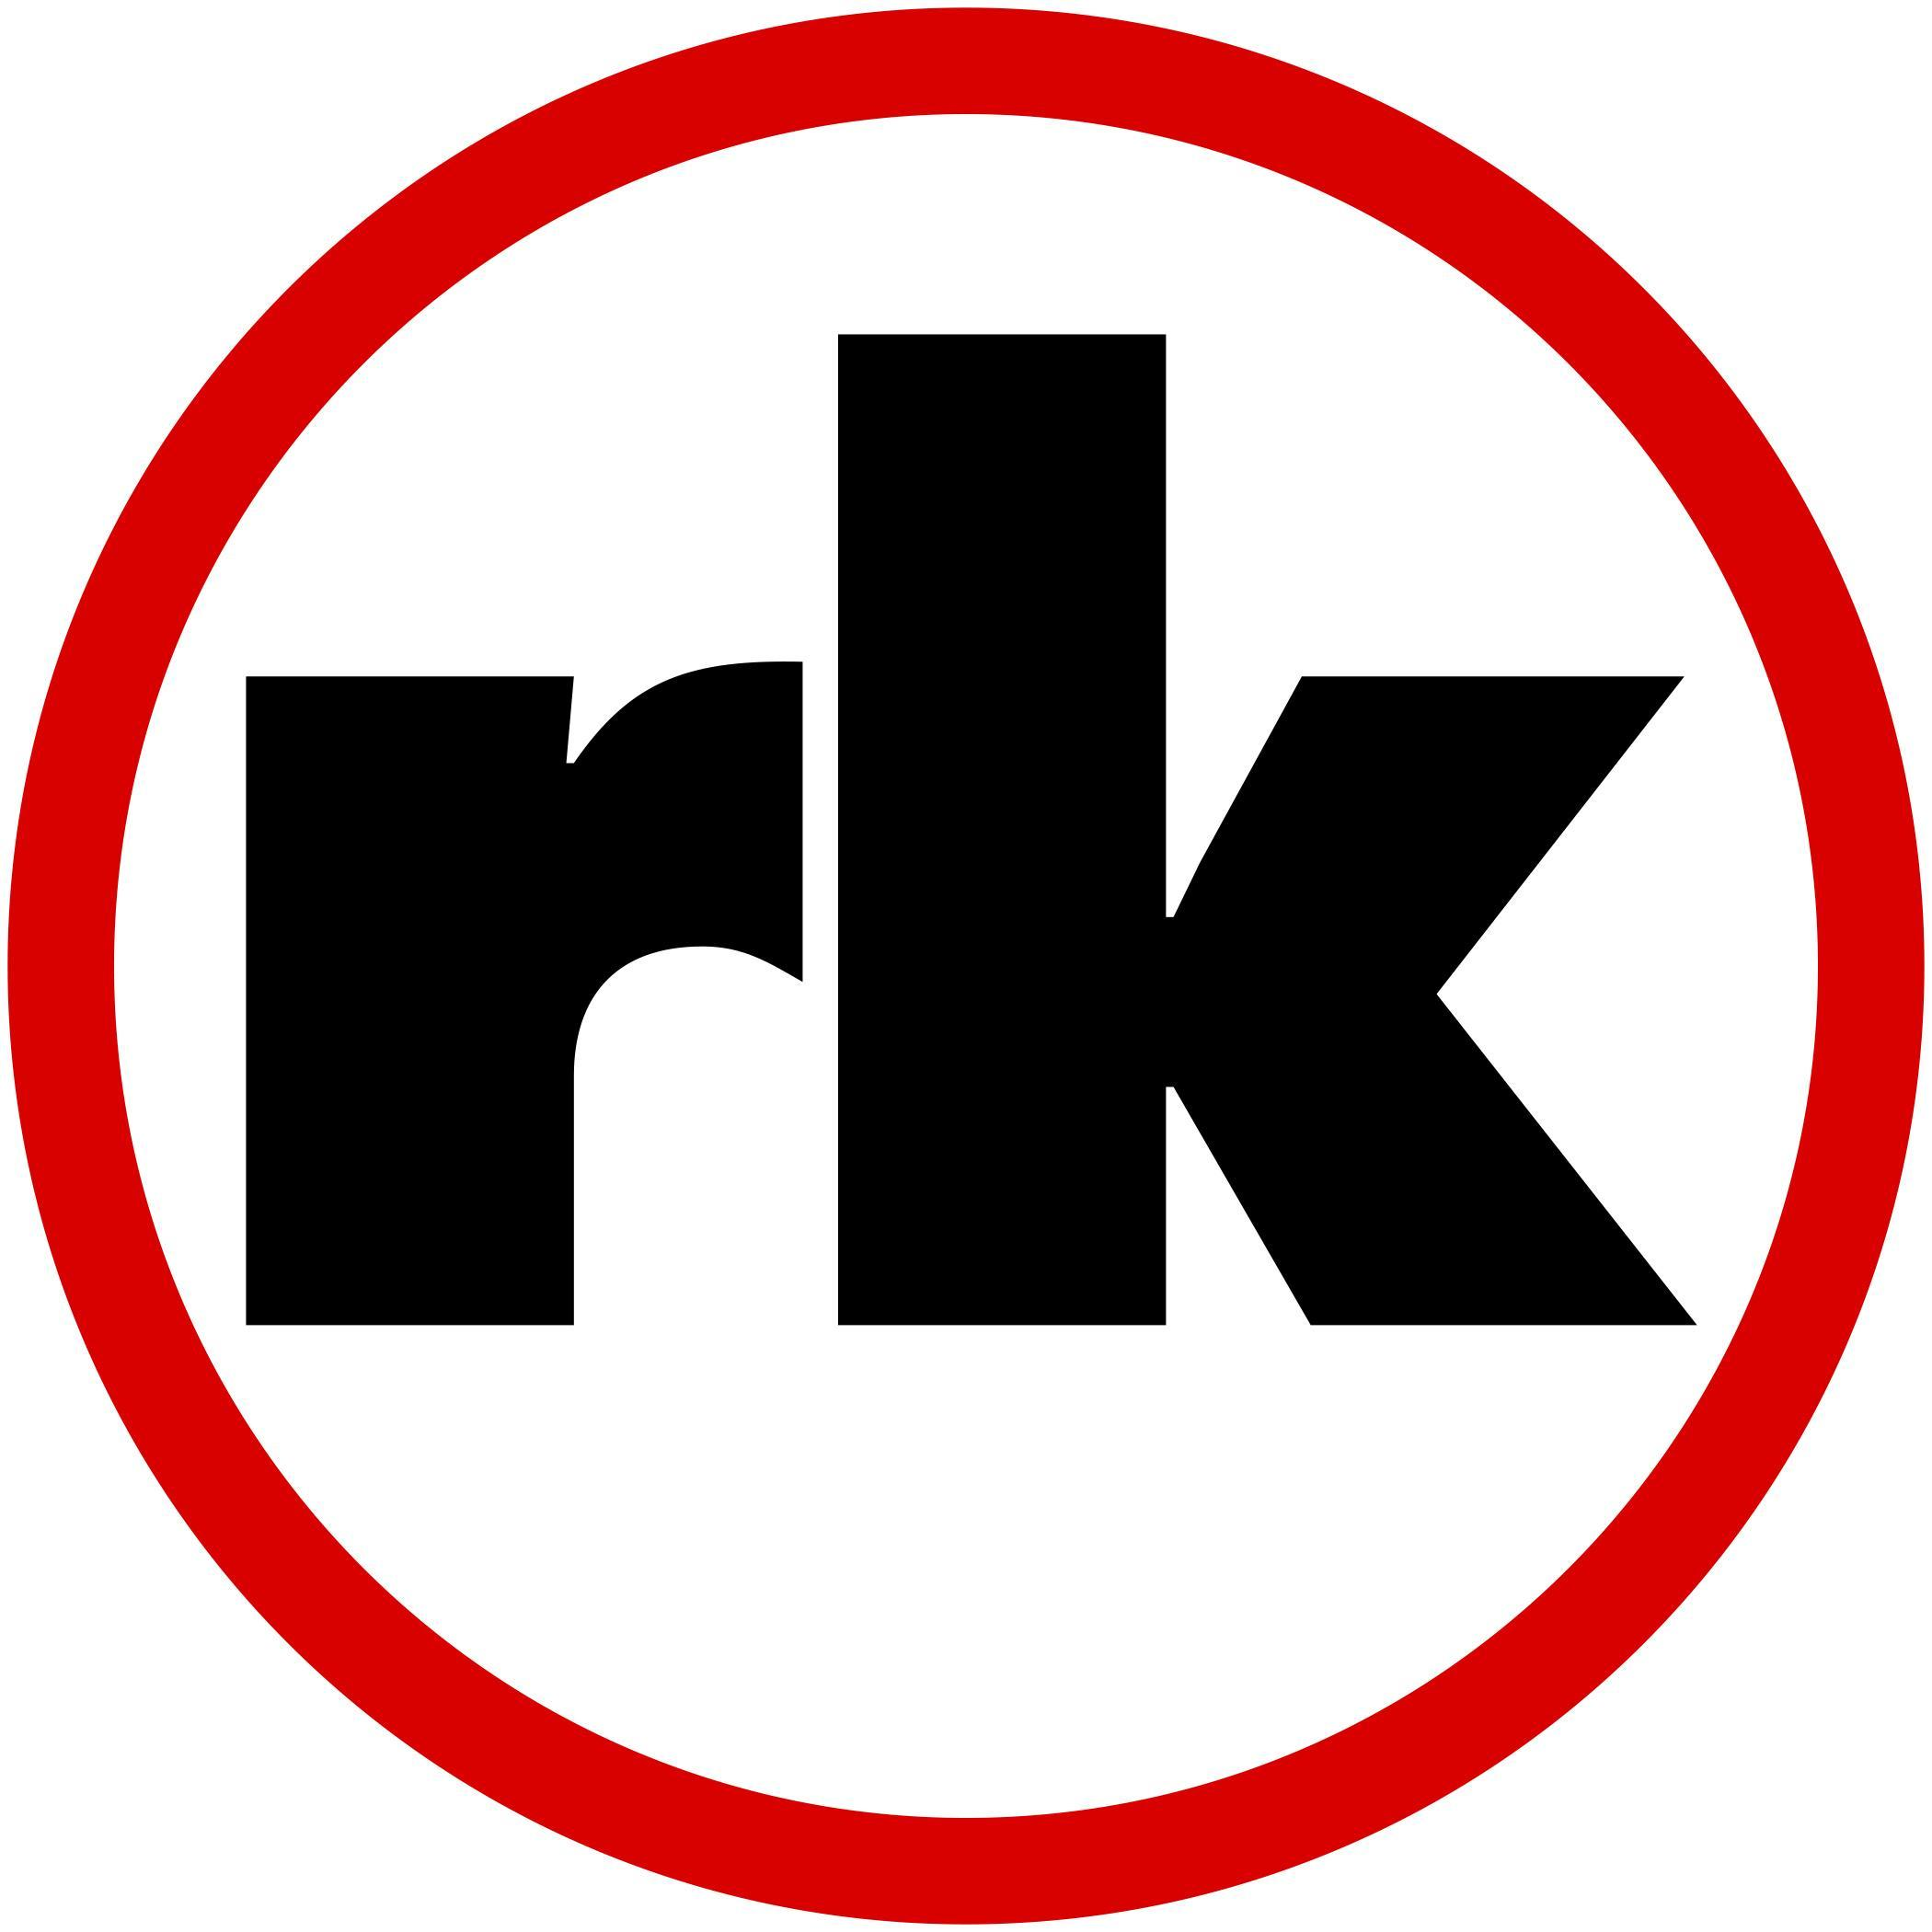 rk wearerk twitter